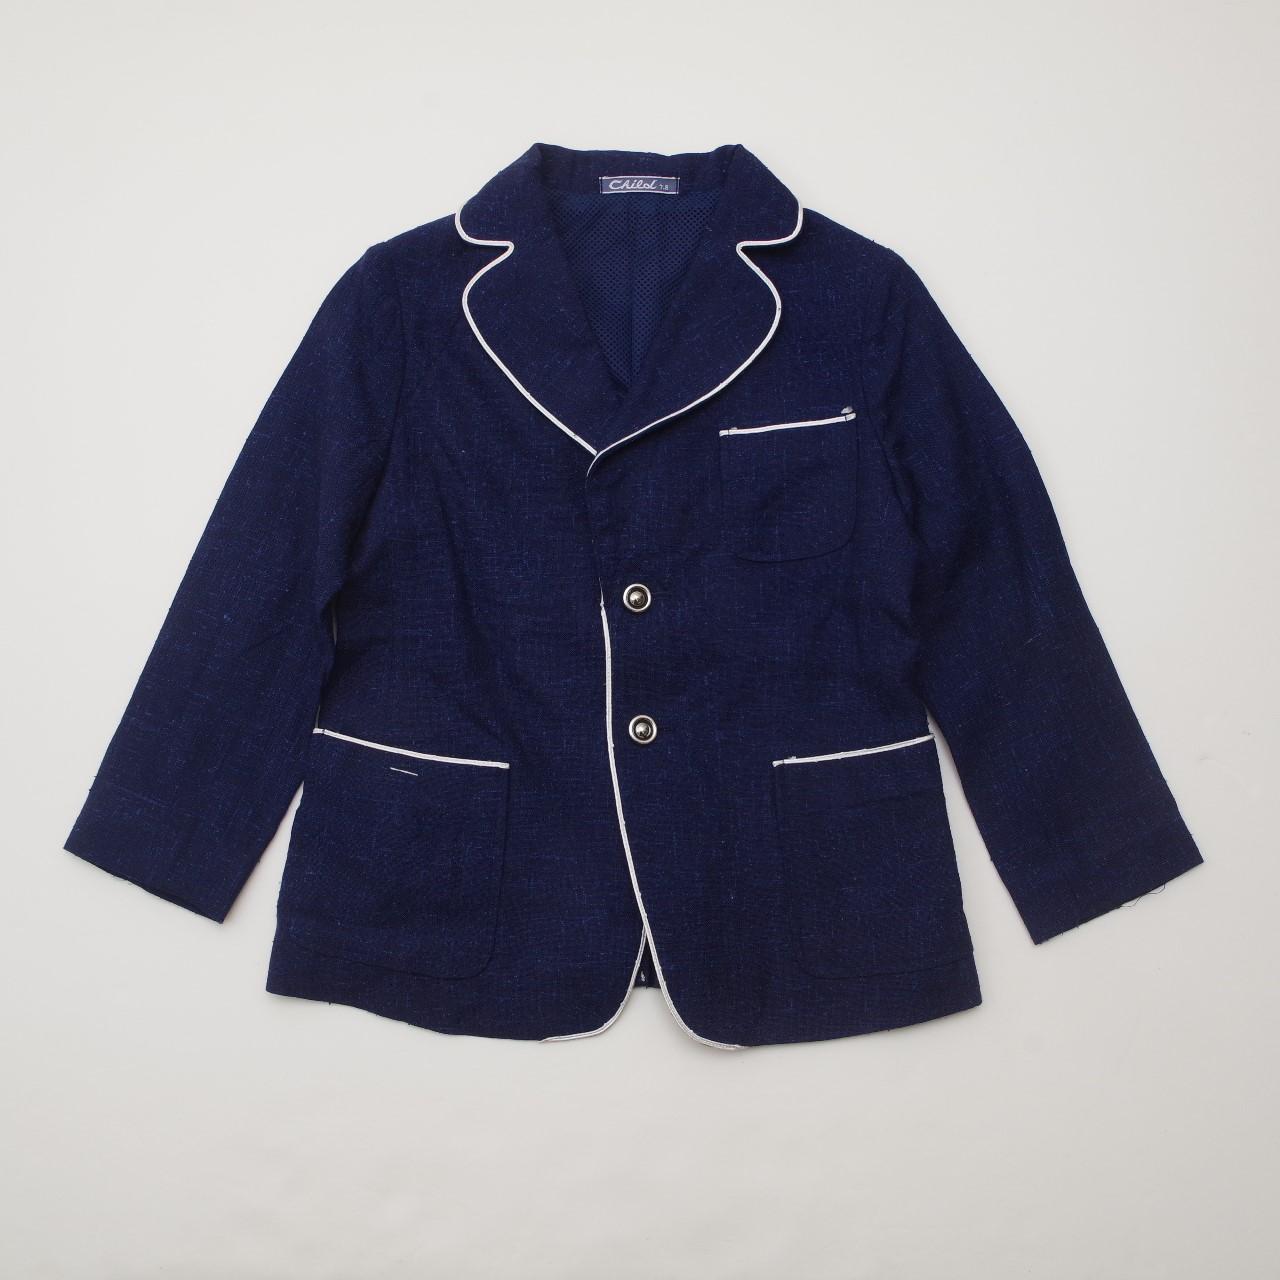 レトロ チャイルドのブレザージャケット 7-8才用 紺色(1903-2163)